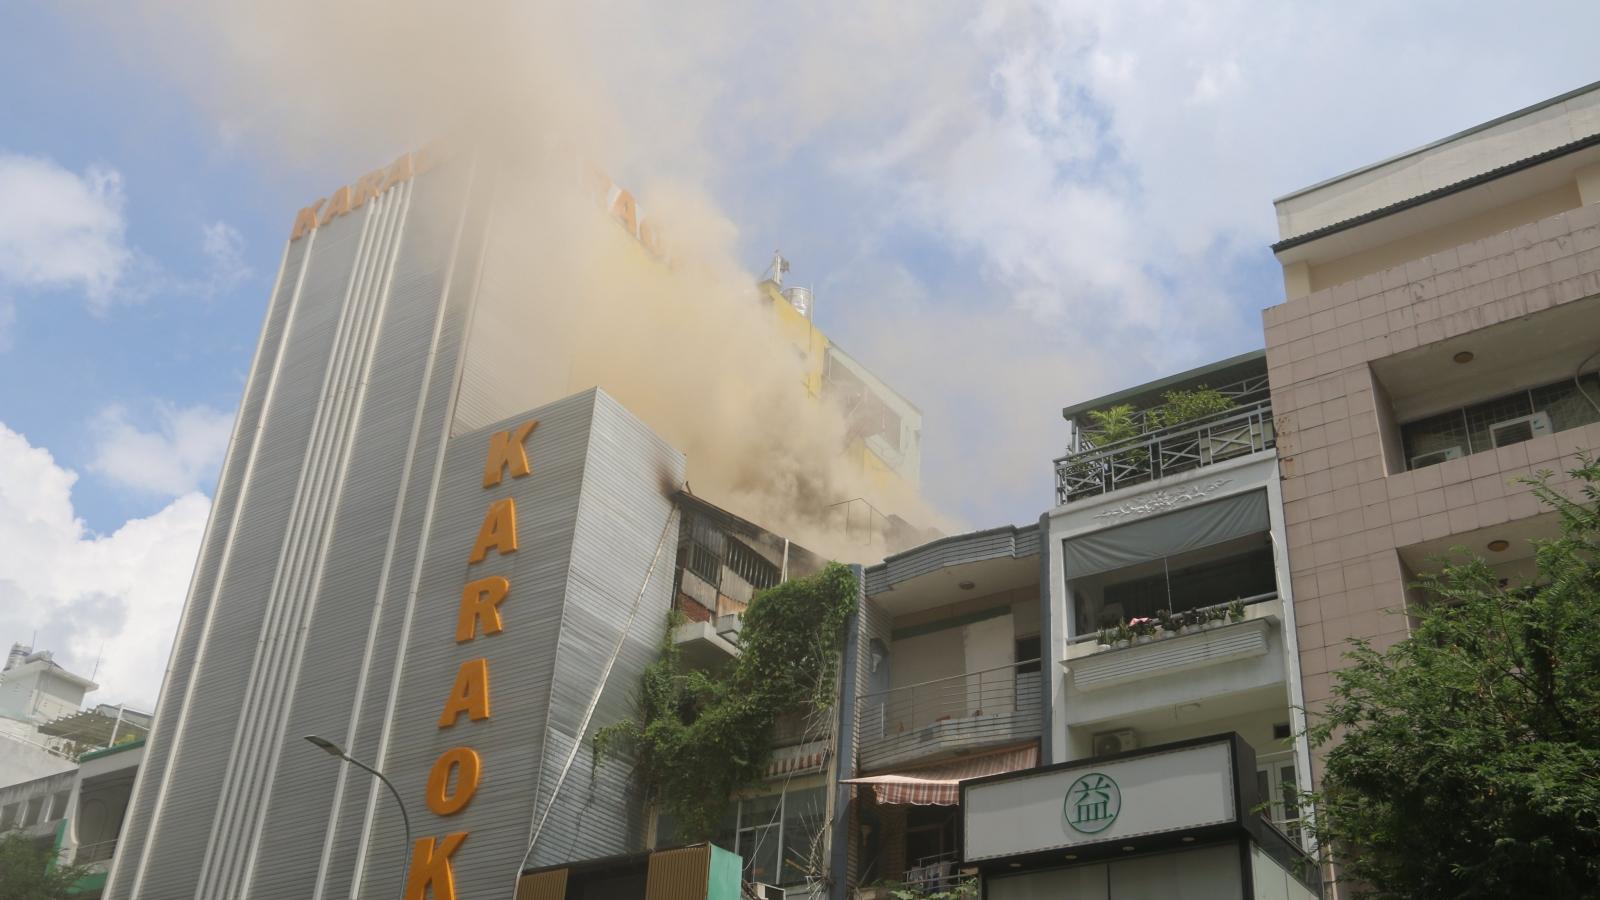 Quán karaoke trên đường Sư Vạn Hạnh ở TP.HCM bốc cháy ngùn ngụt